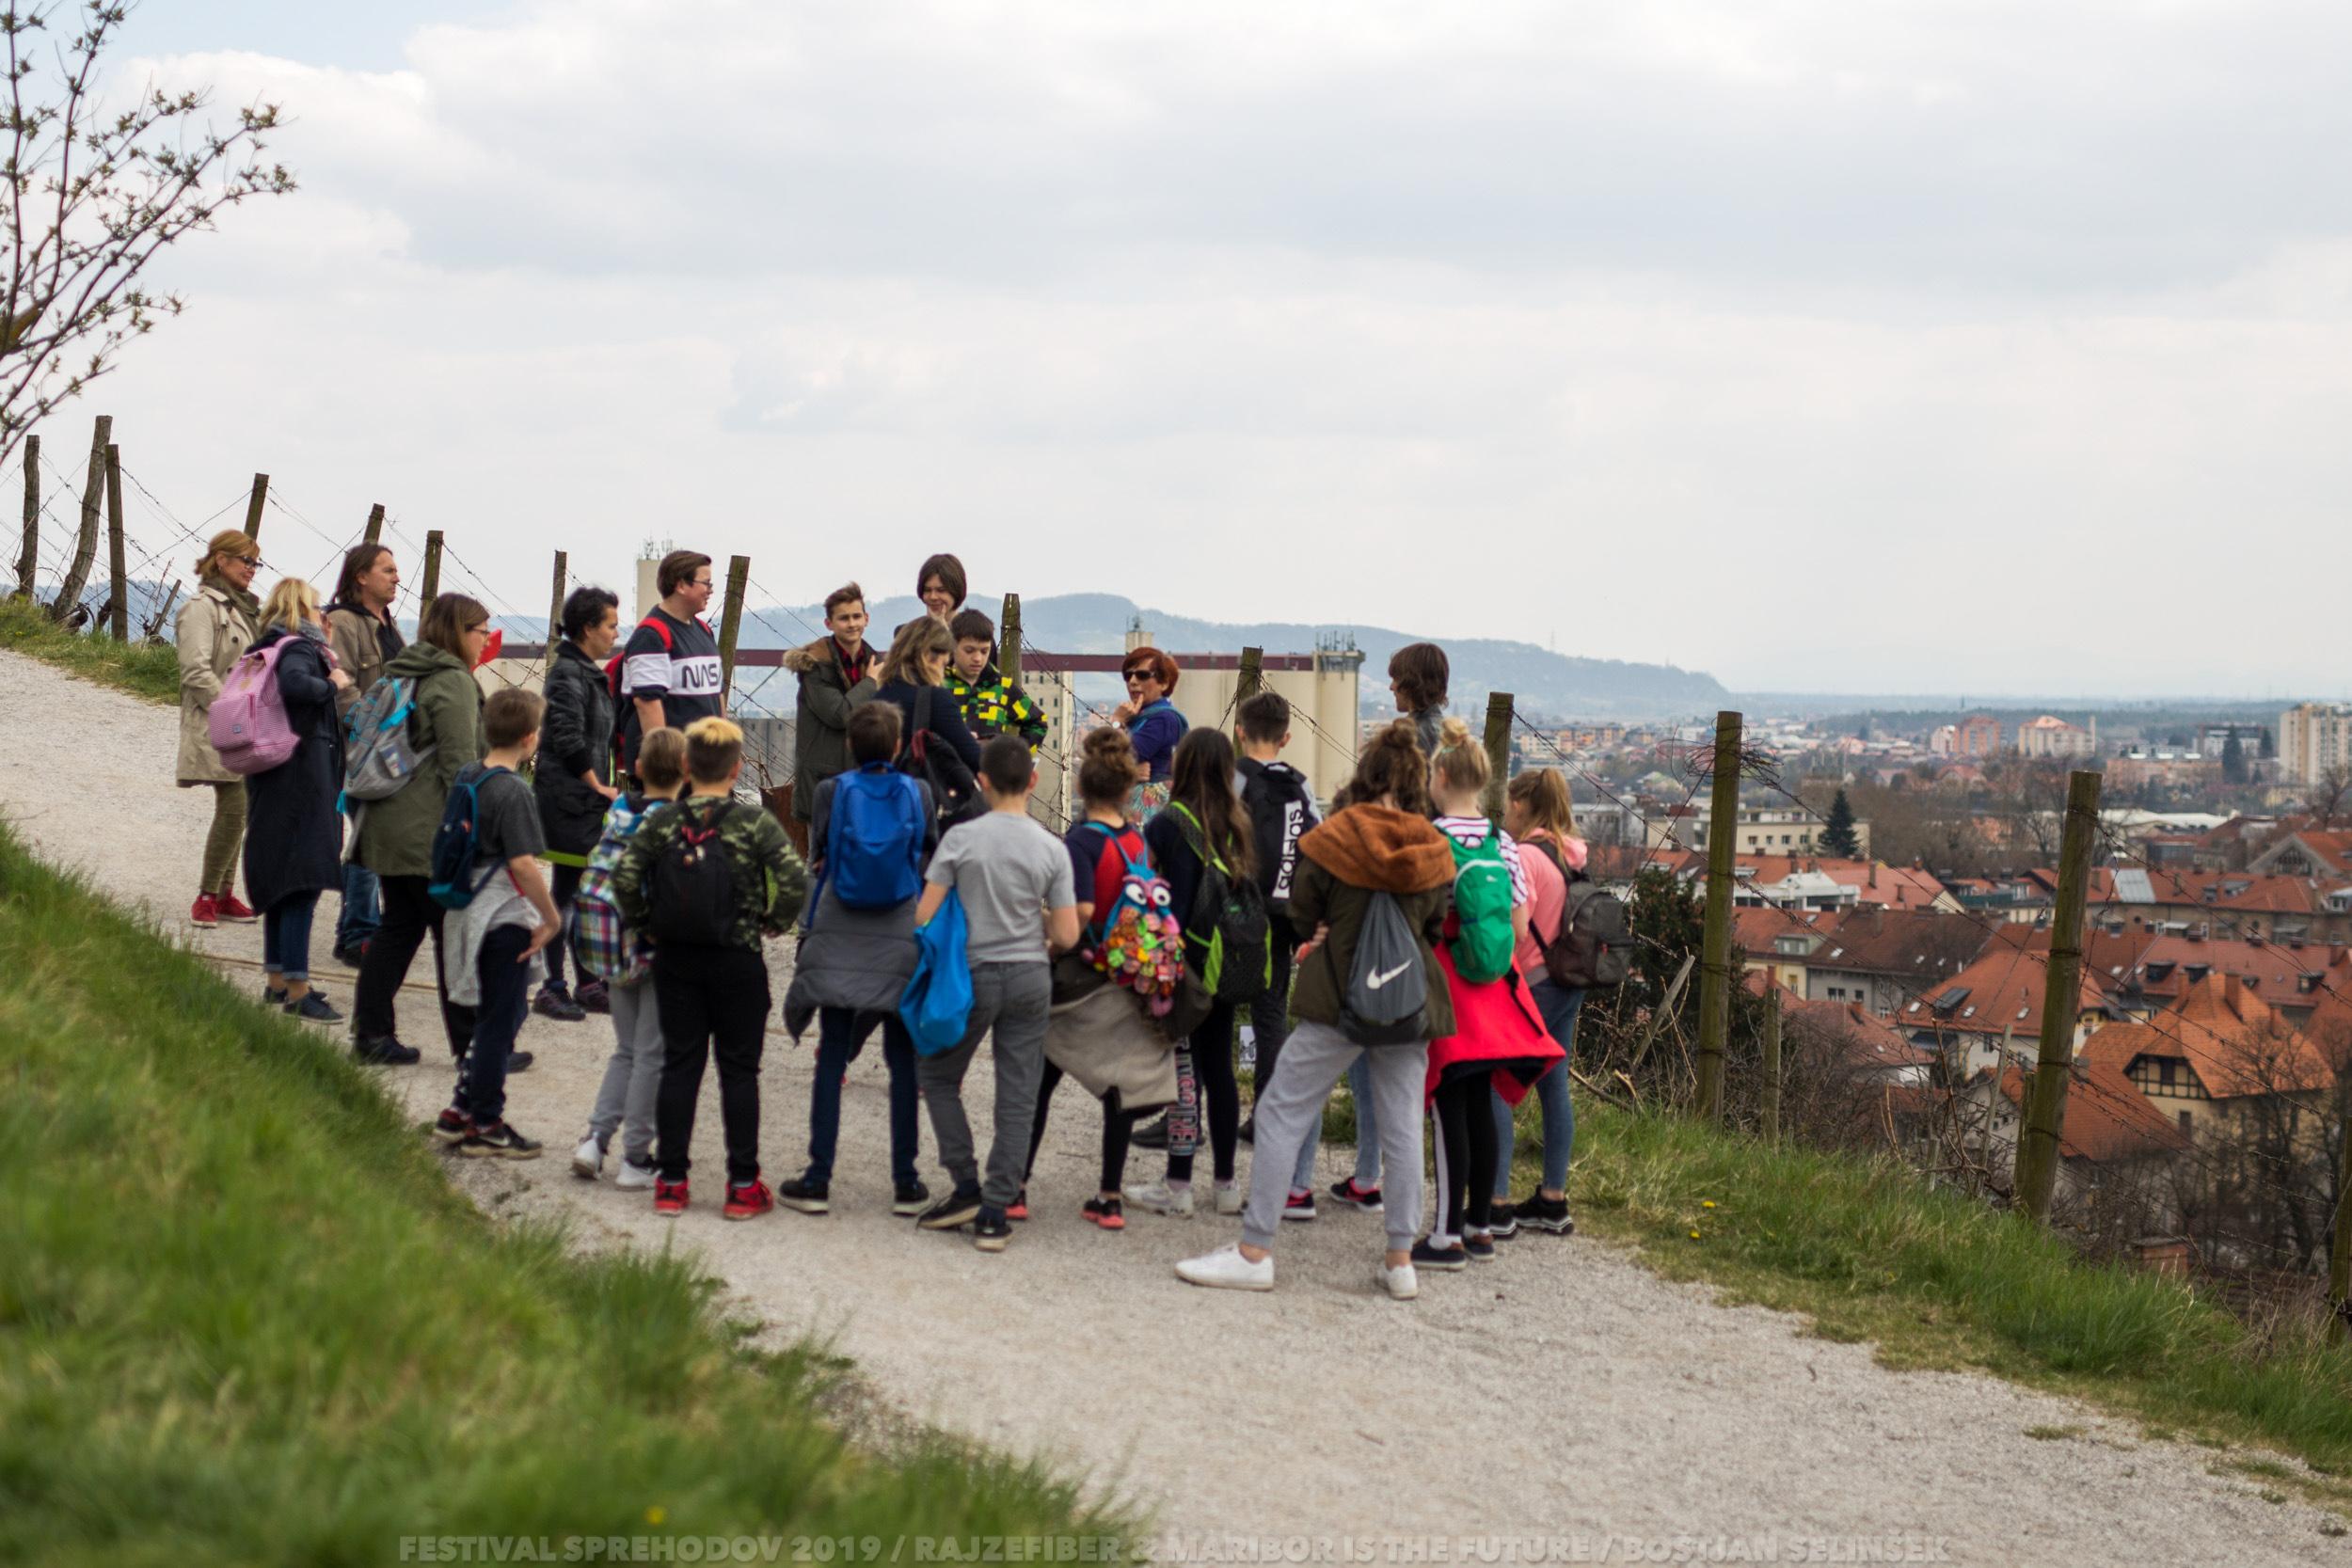 festival sprehodov-4dan_Boštjan Selinšek (33).jpg